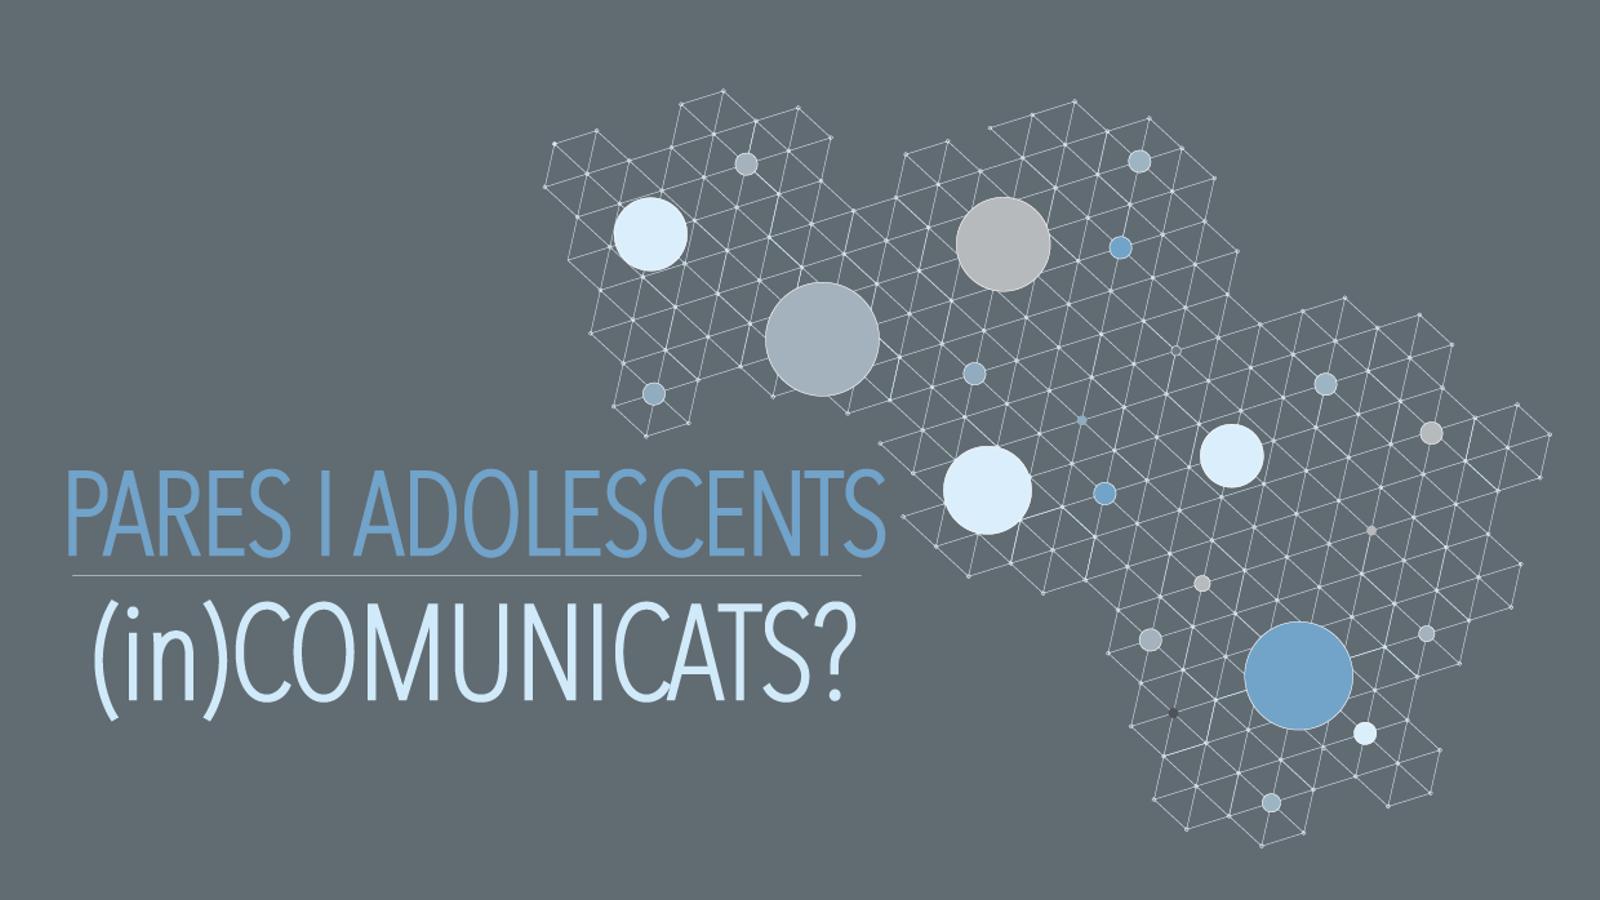 Pares i adolescents (in)comunicats